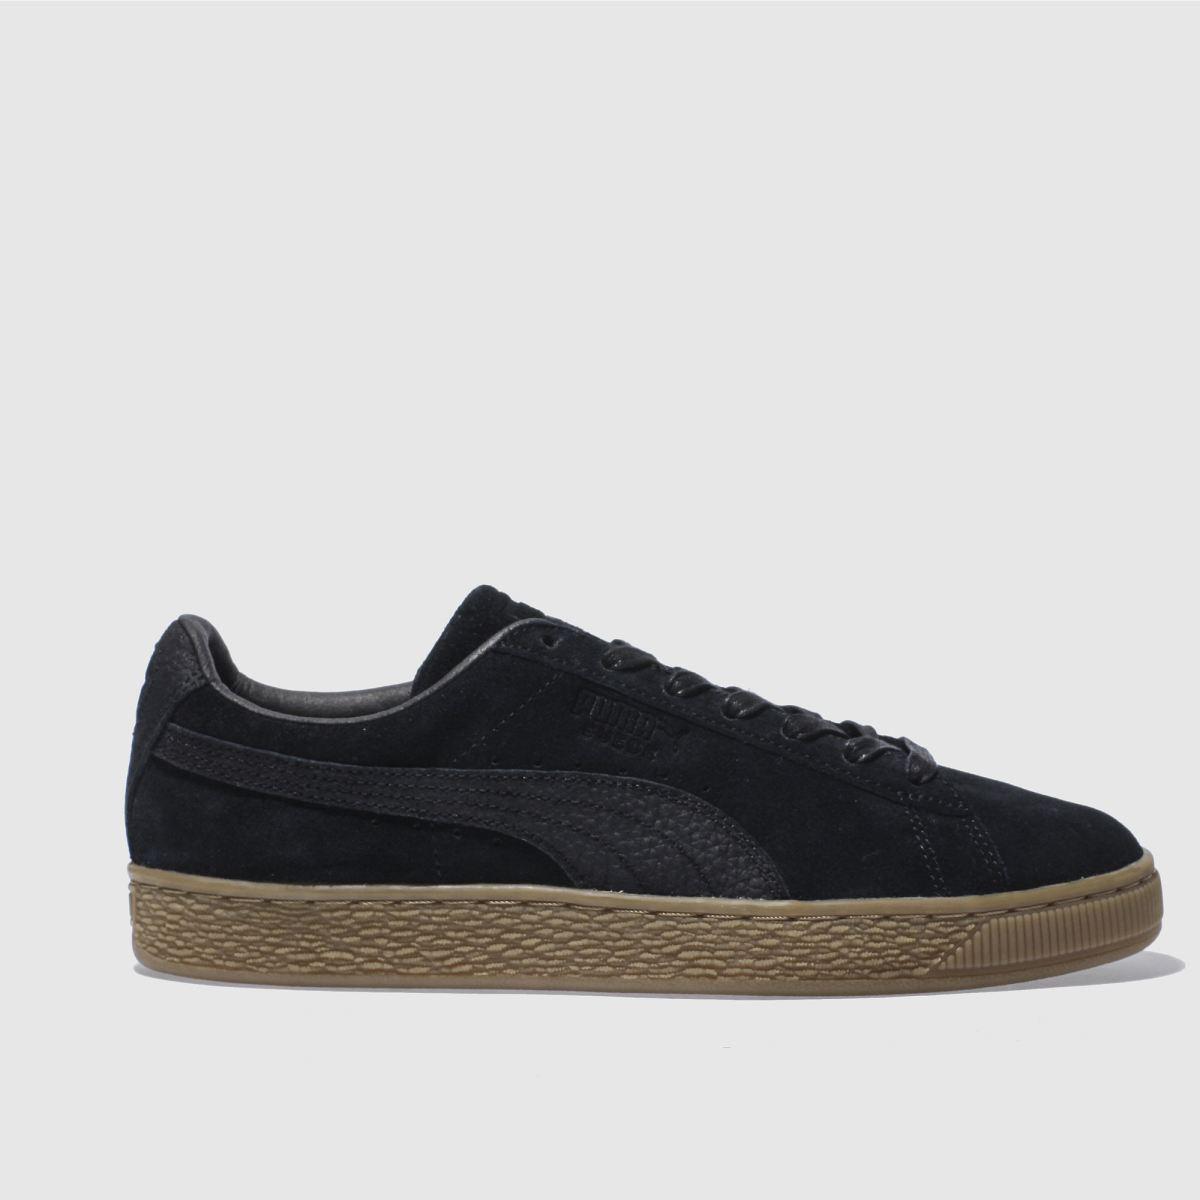 puma black suede classic trainers